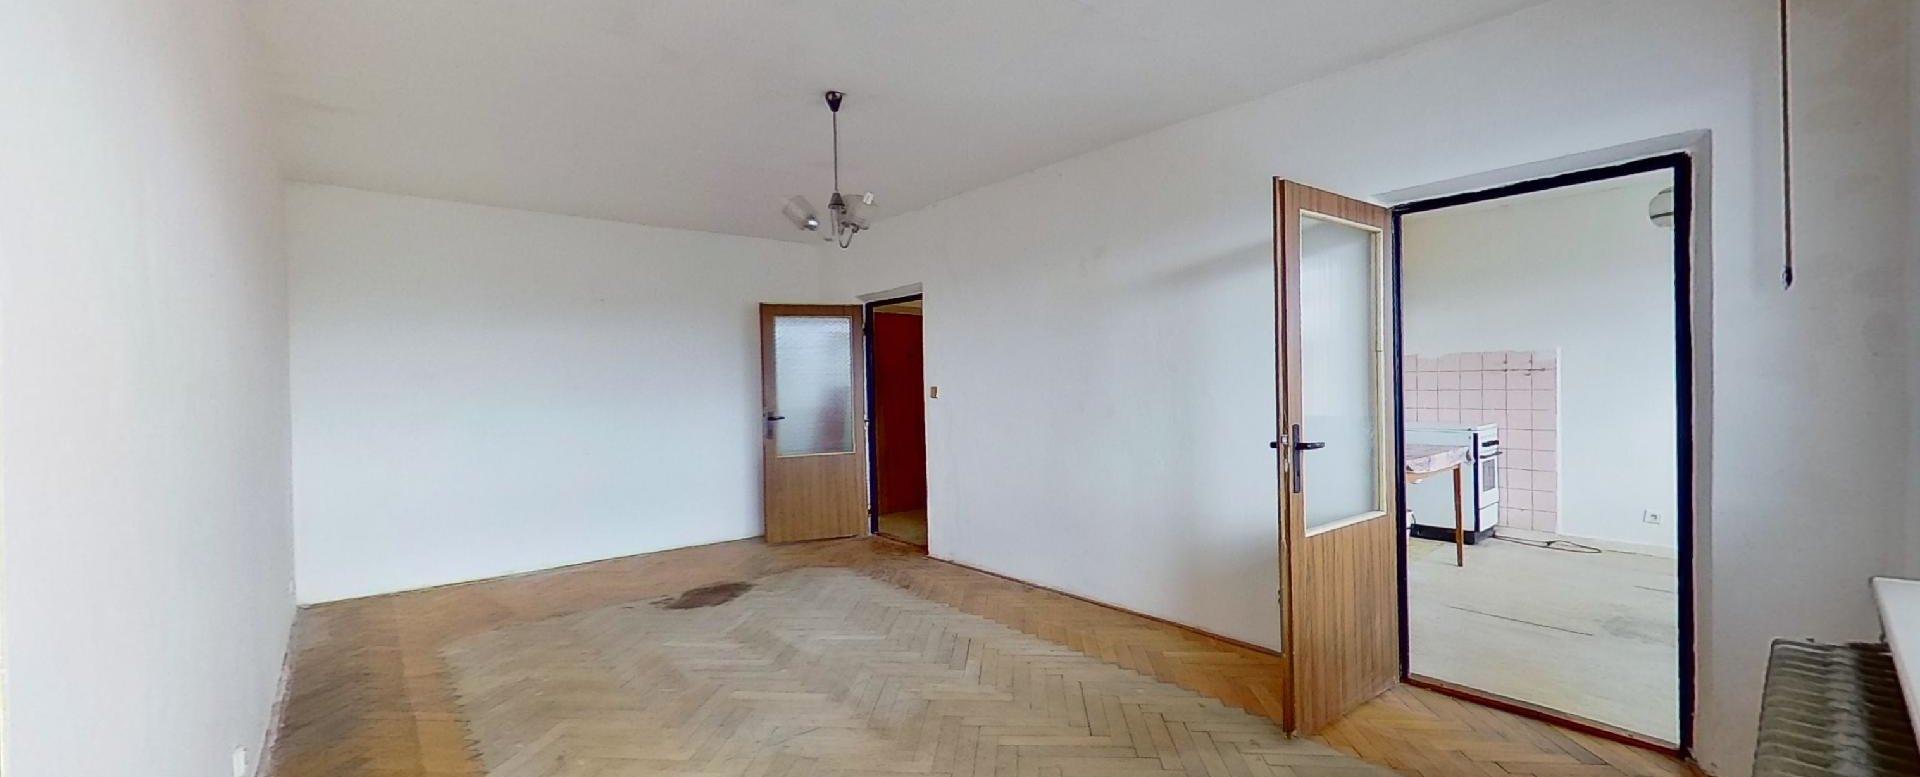 Prirechodná obývacia izba